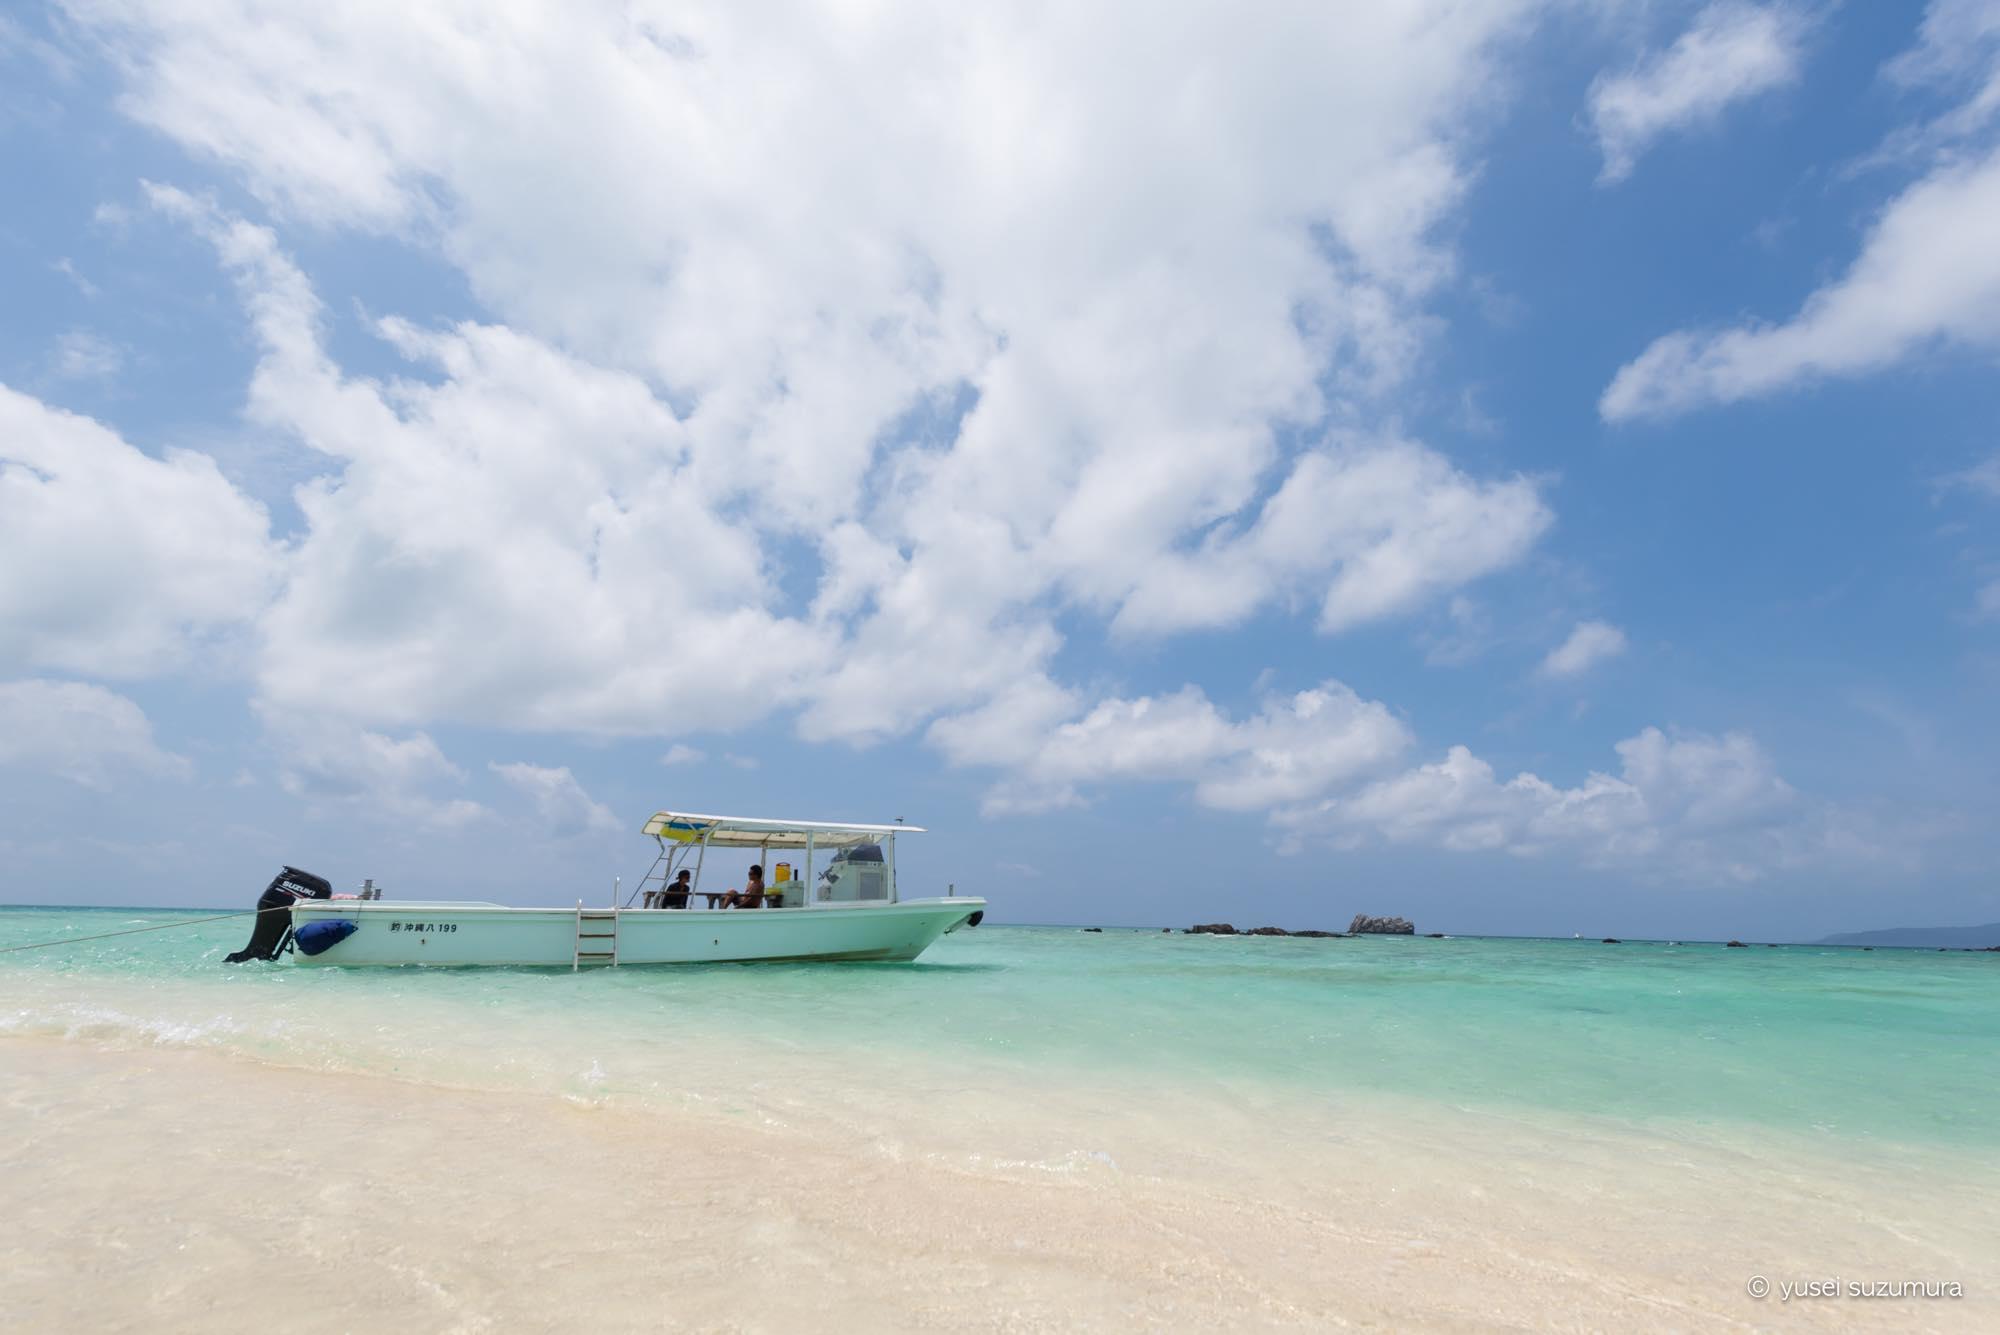 小浜島のトゥマールビーチと幻の島(浜島)とうふだき荘と。